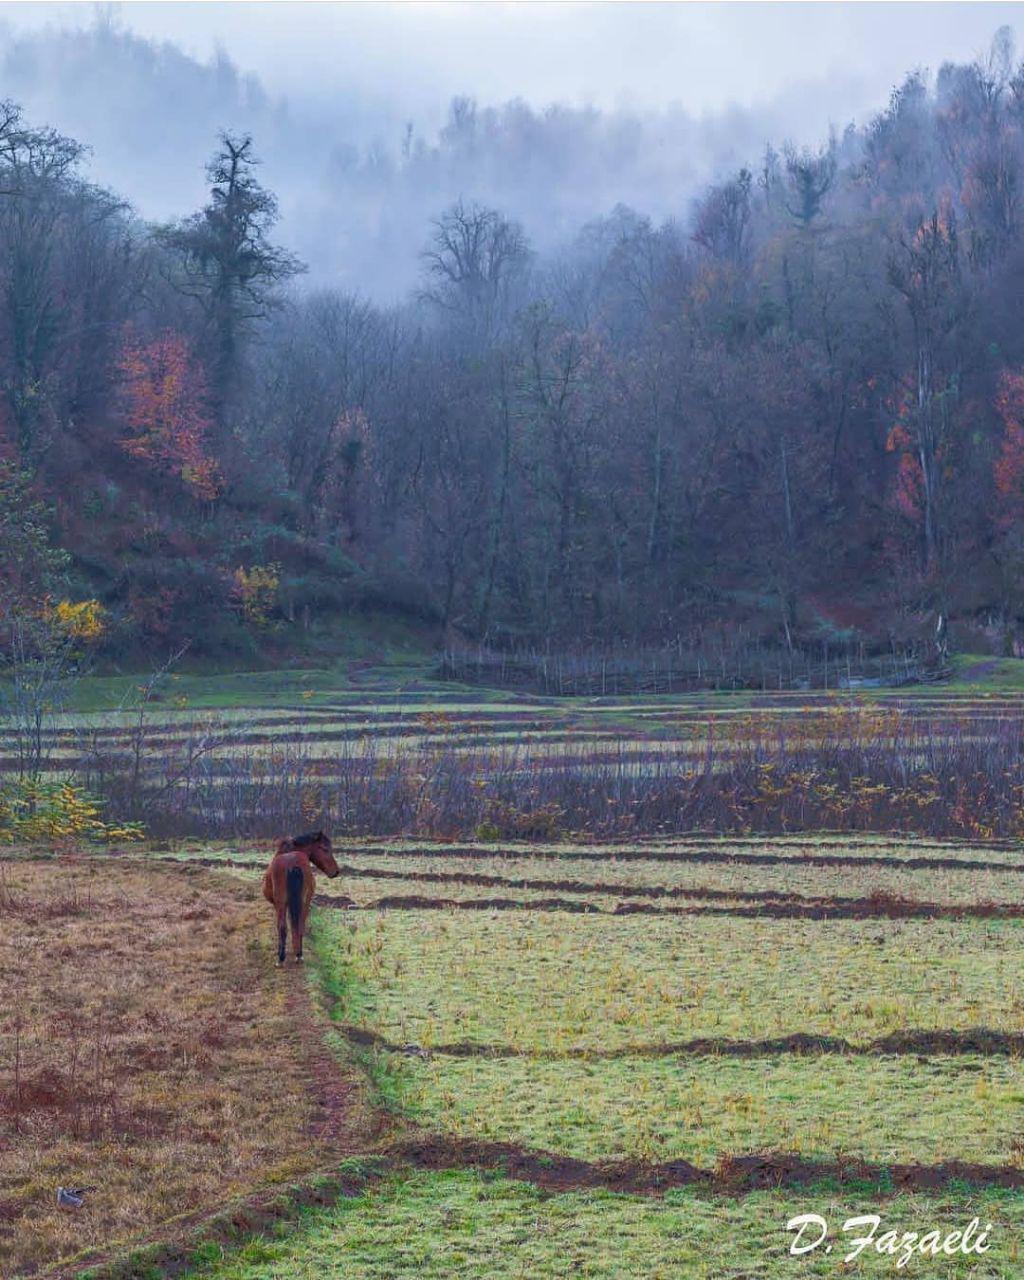 جاذبه های گردشگری رودبار و روستای بالابراگور وفرارود